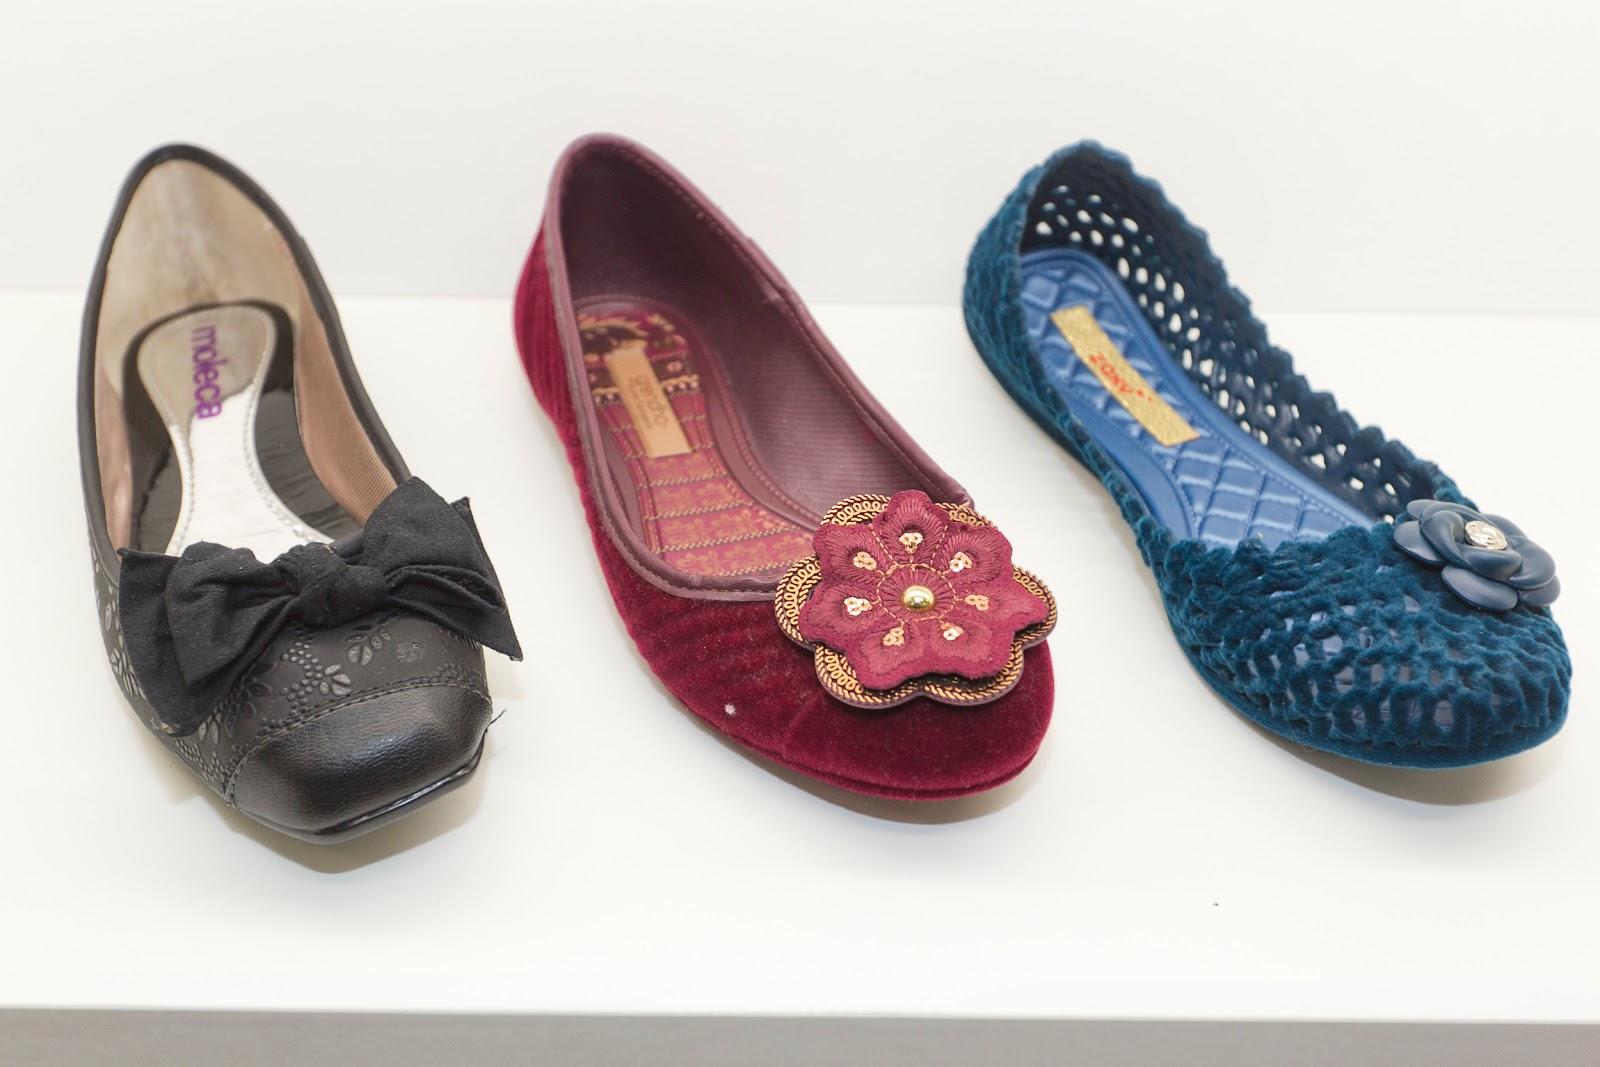 5eb0601c55 Para o verão a consultora diz que as sapatilhas podem ser utilizadas com  roupas mais leves